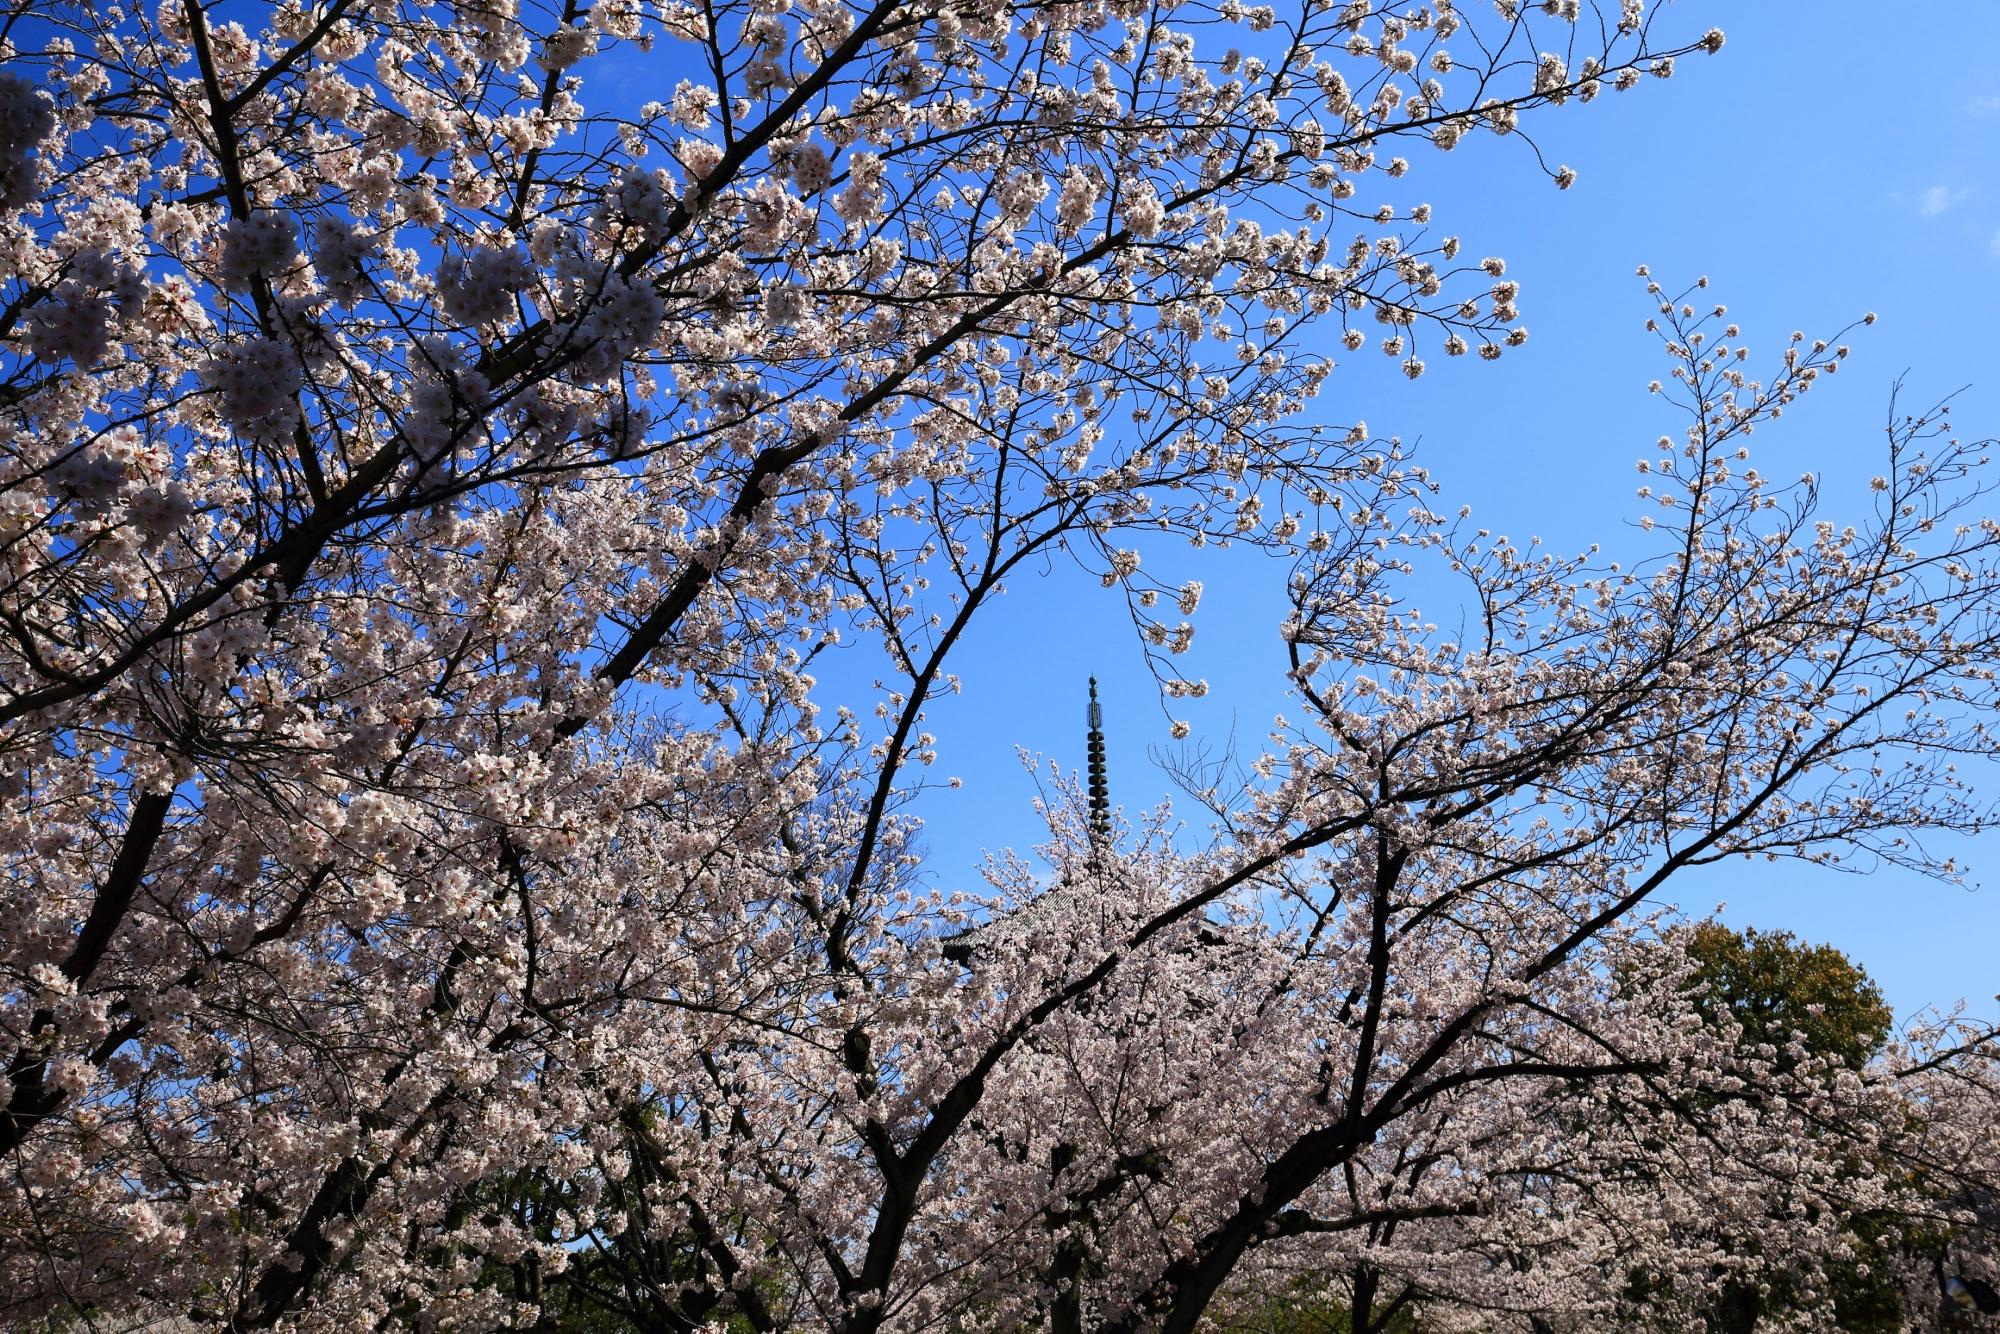 華やかな桜の空間